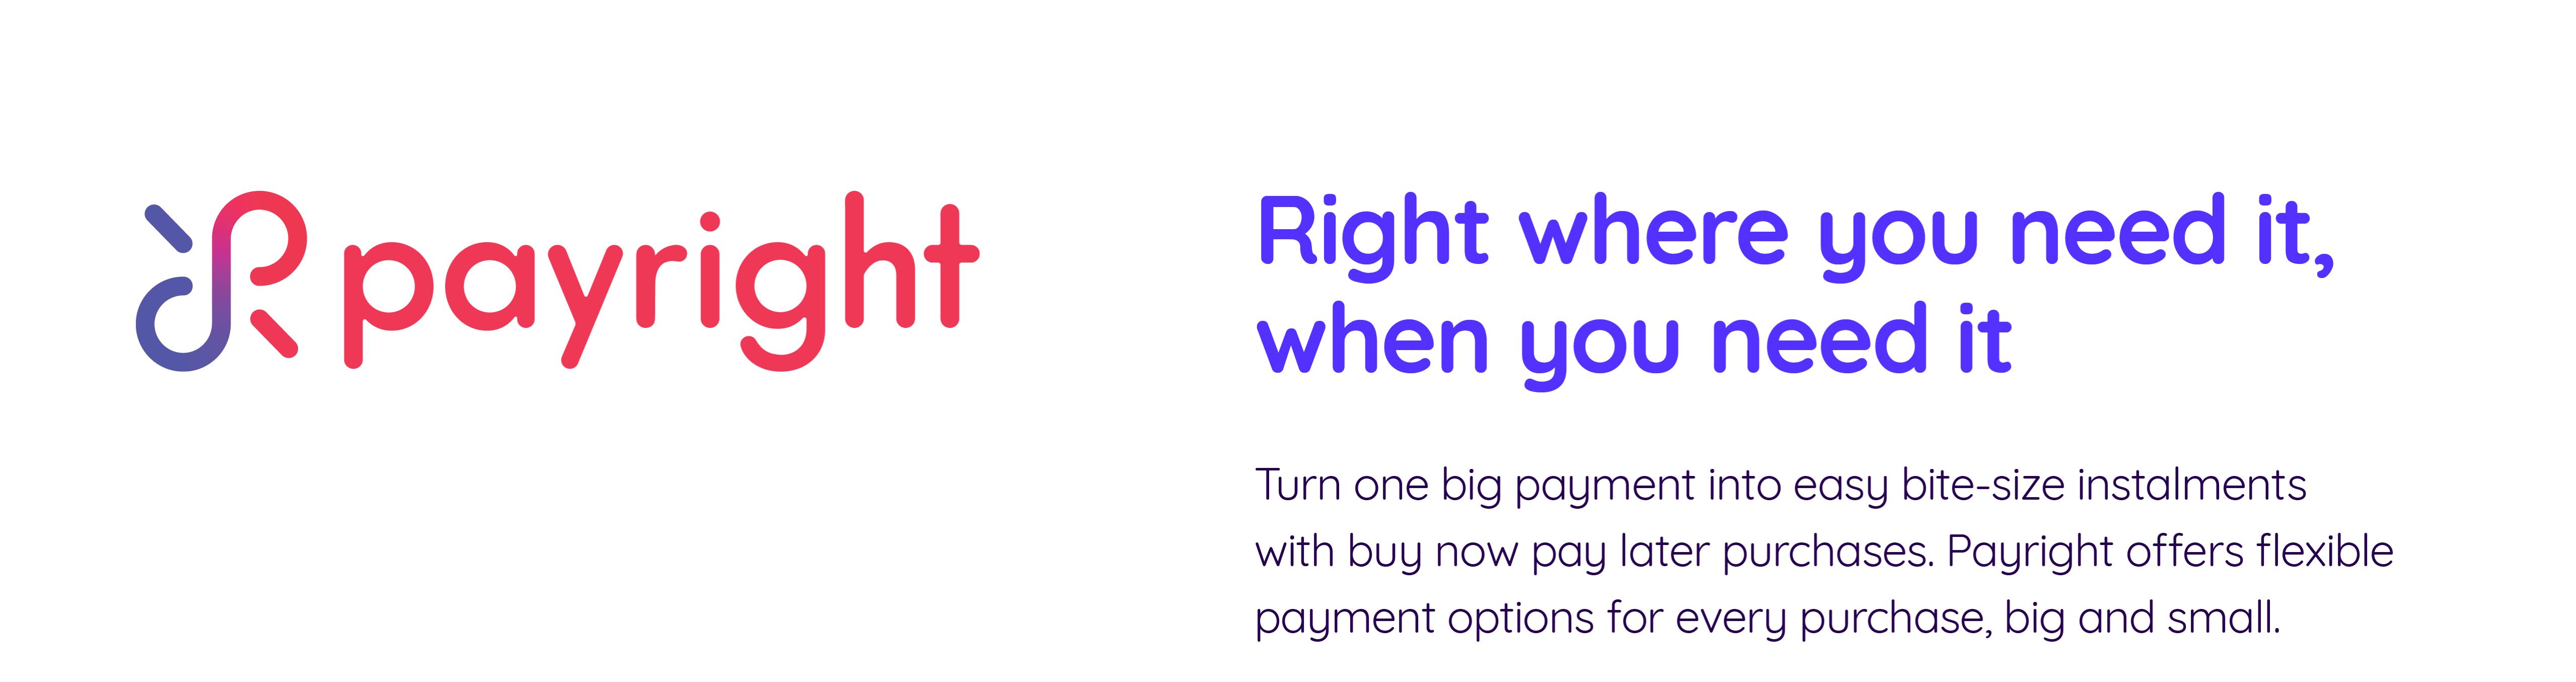 Payright-landing-web